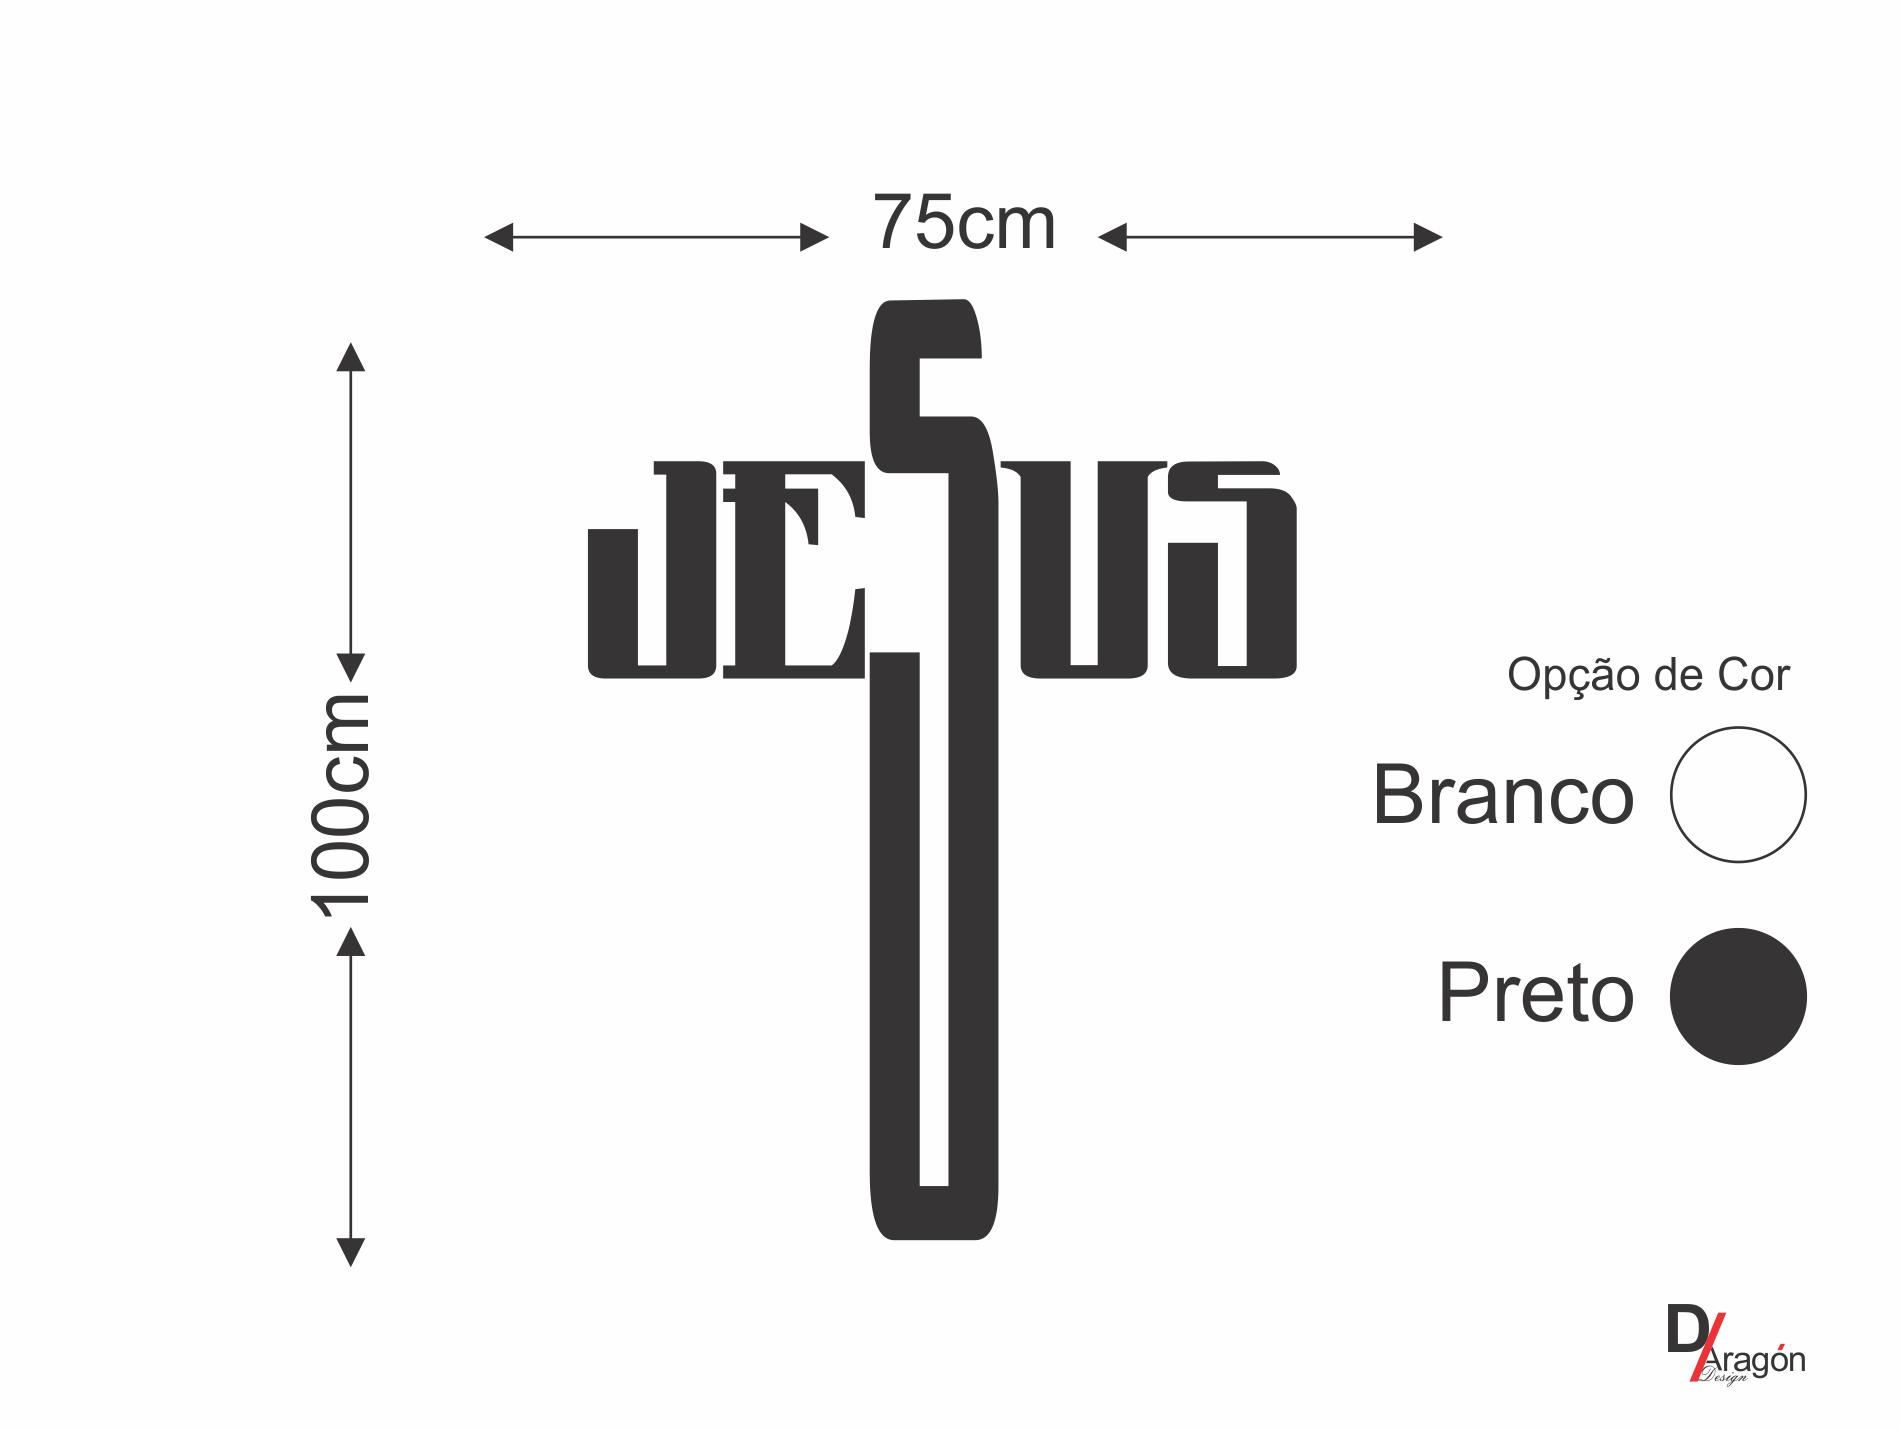 Adesivo de Parede Nome Jesus para Igreja 140x75cm